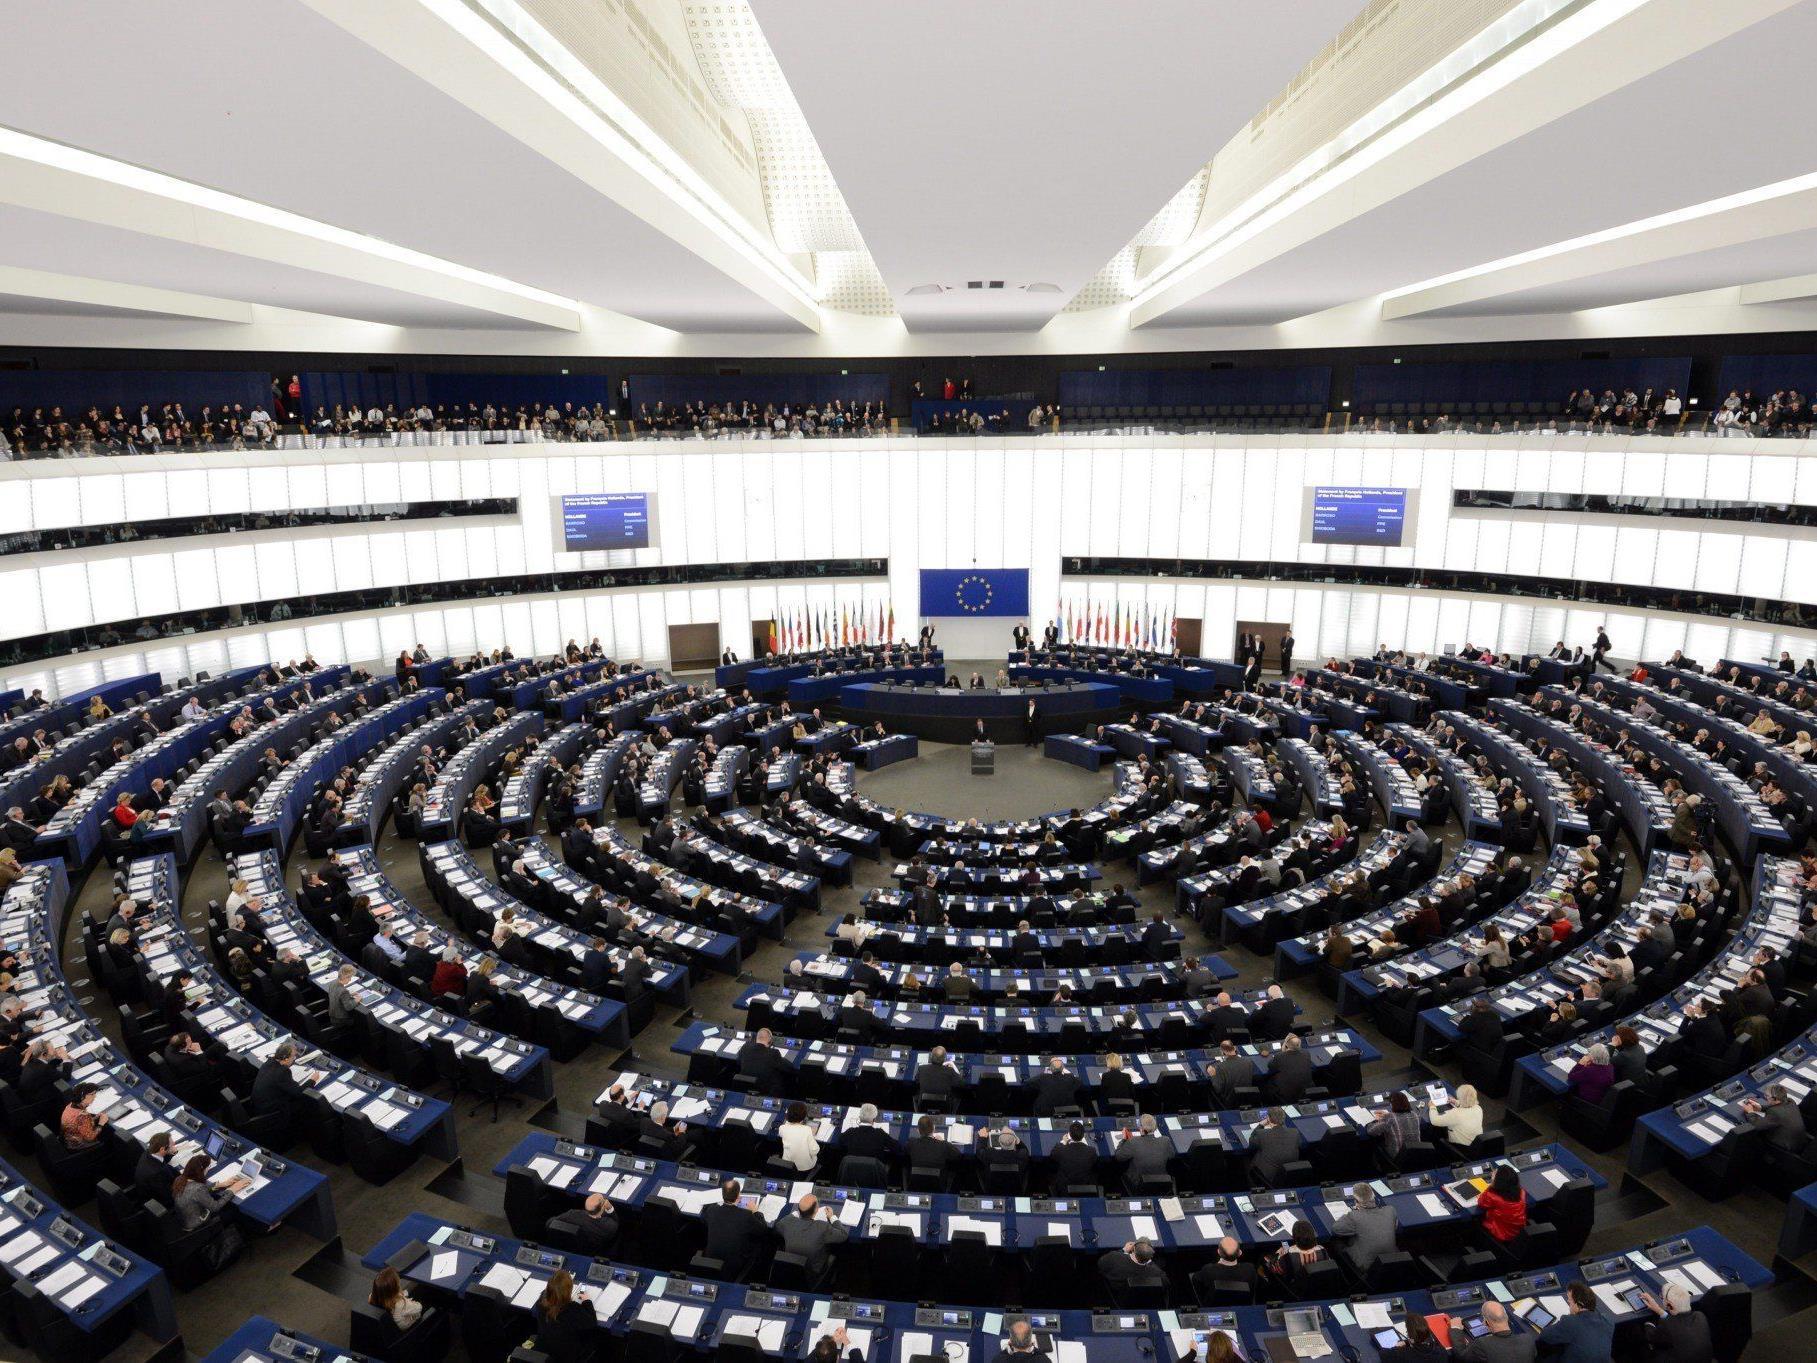 Neuverteilung nach Beitritt Kroatiens im Ausschuss diskutiert.